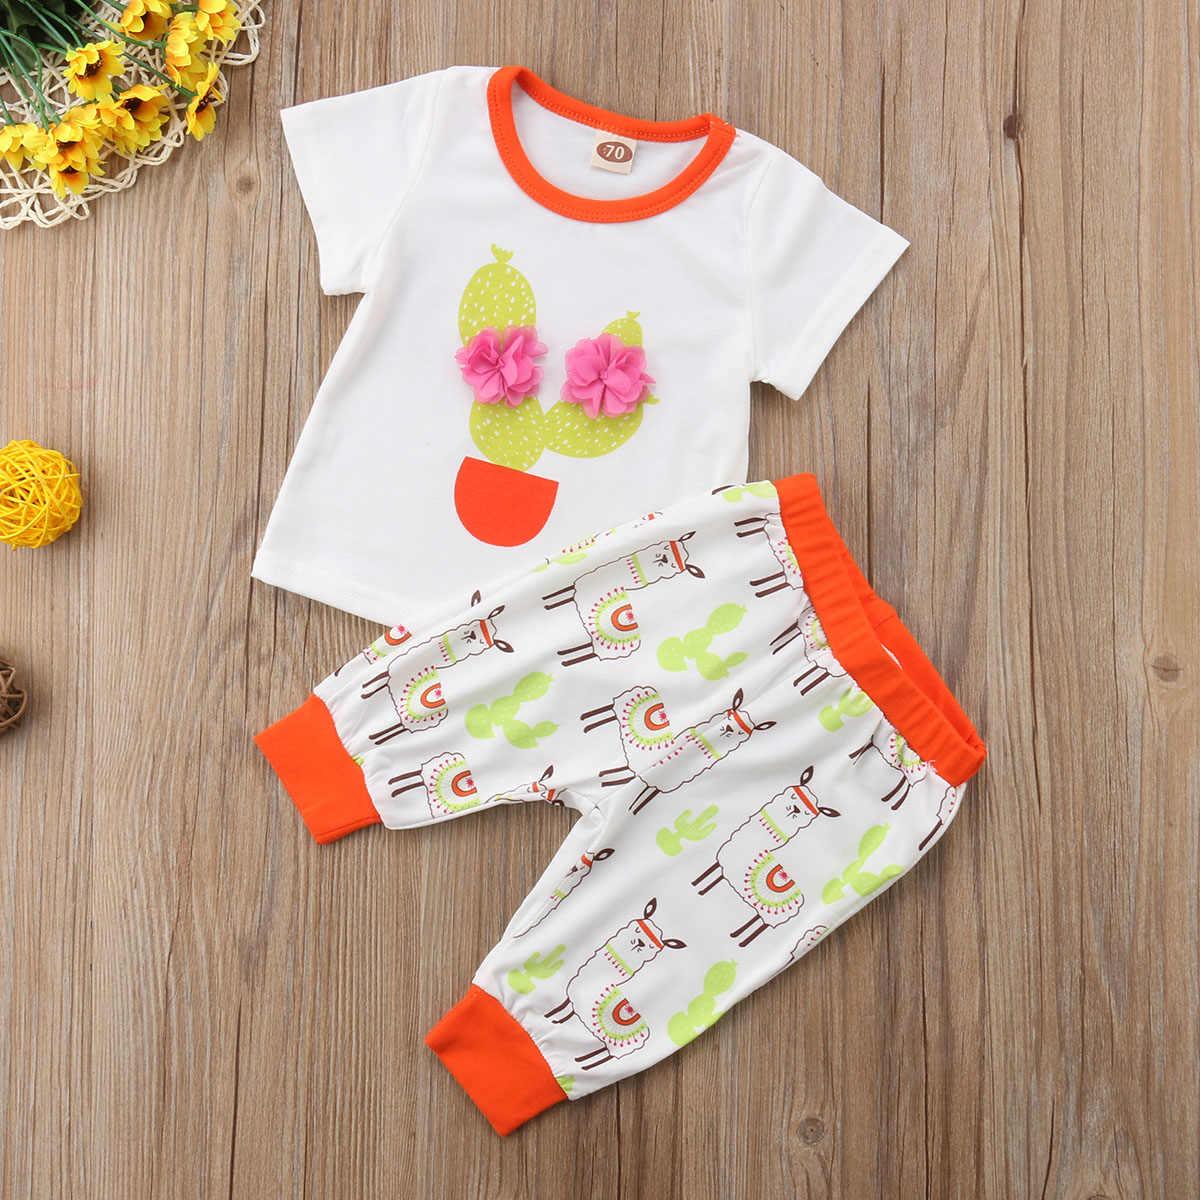 Schattige baby meisje kleding pak met korte mouwen t-shirt + broek 2 stuks cartoon alpaca print pasgeboren baby casual outdoor pak